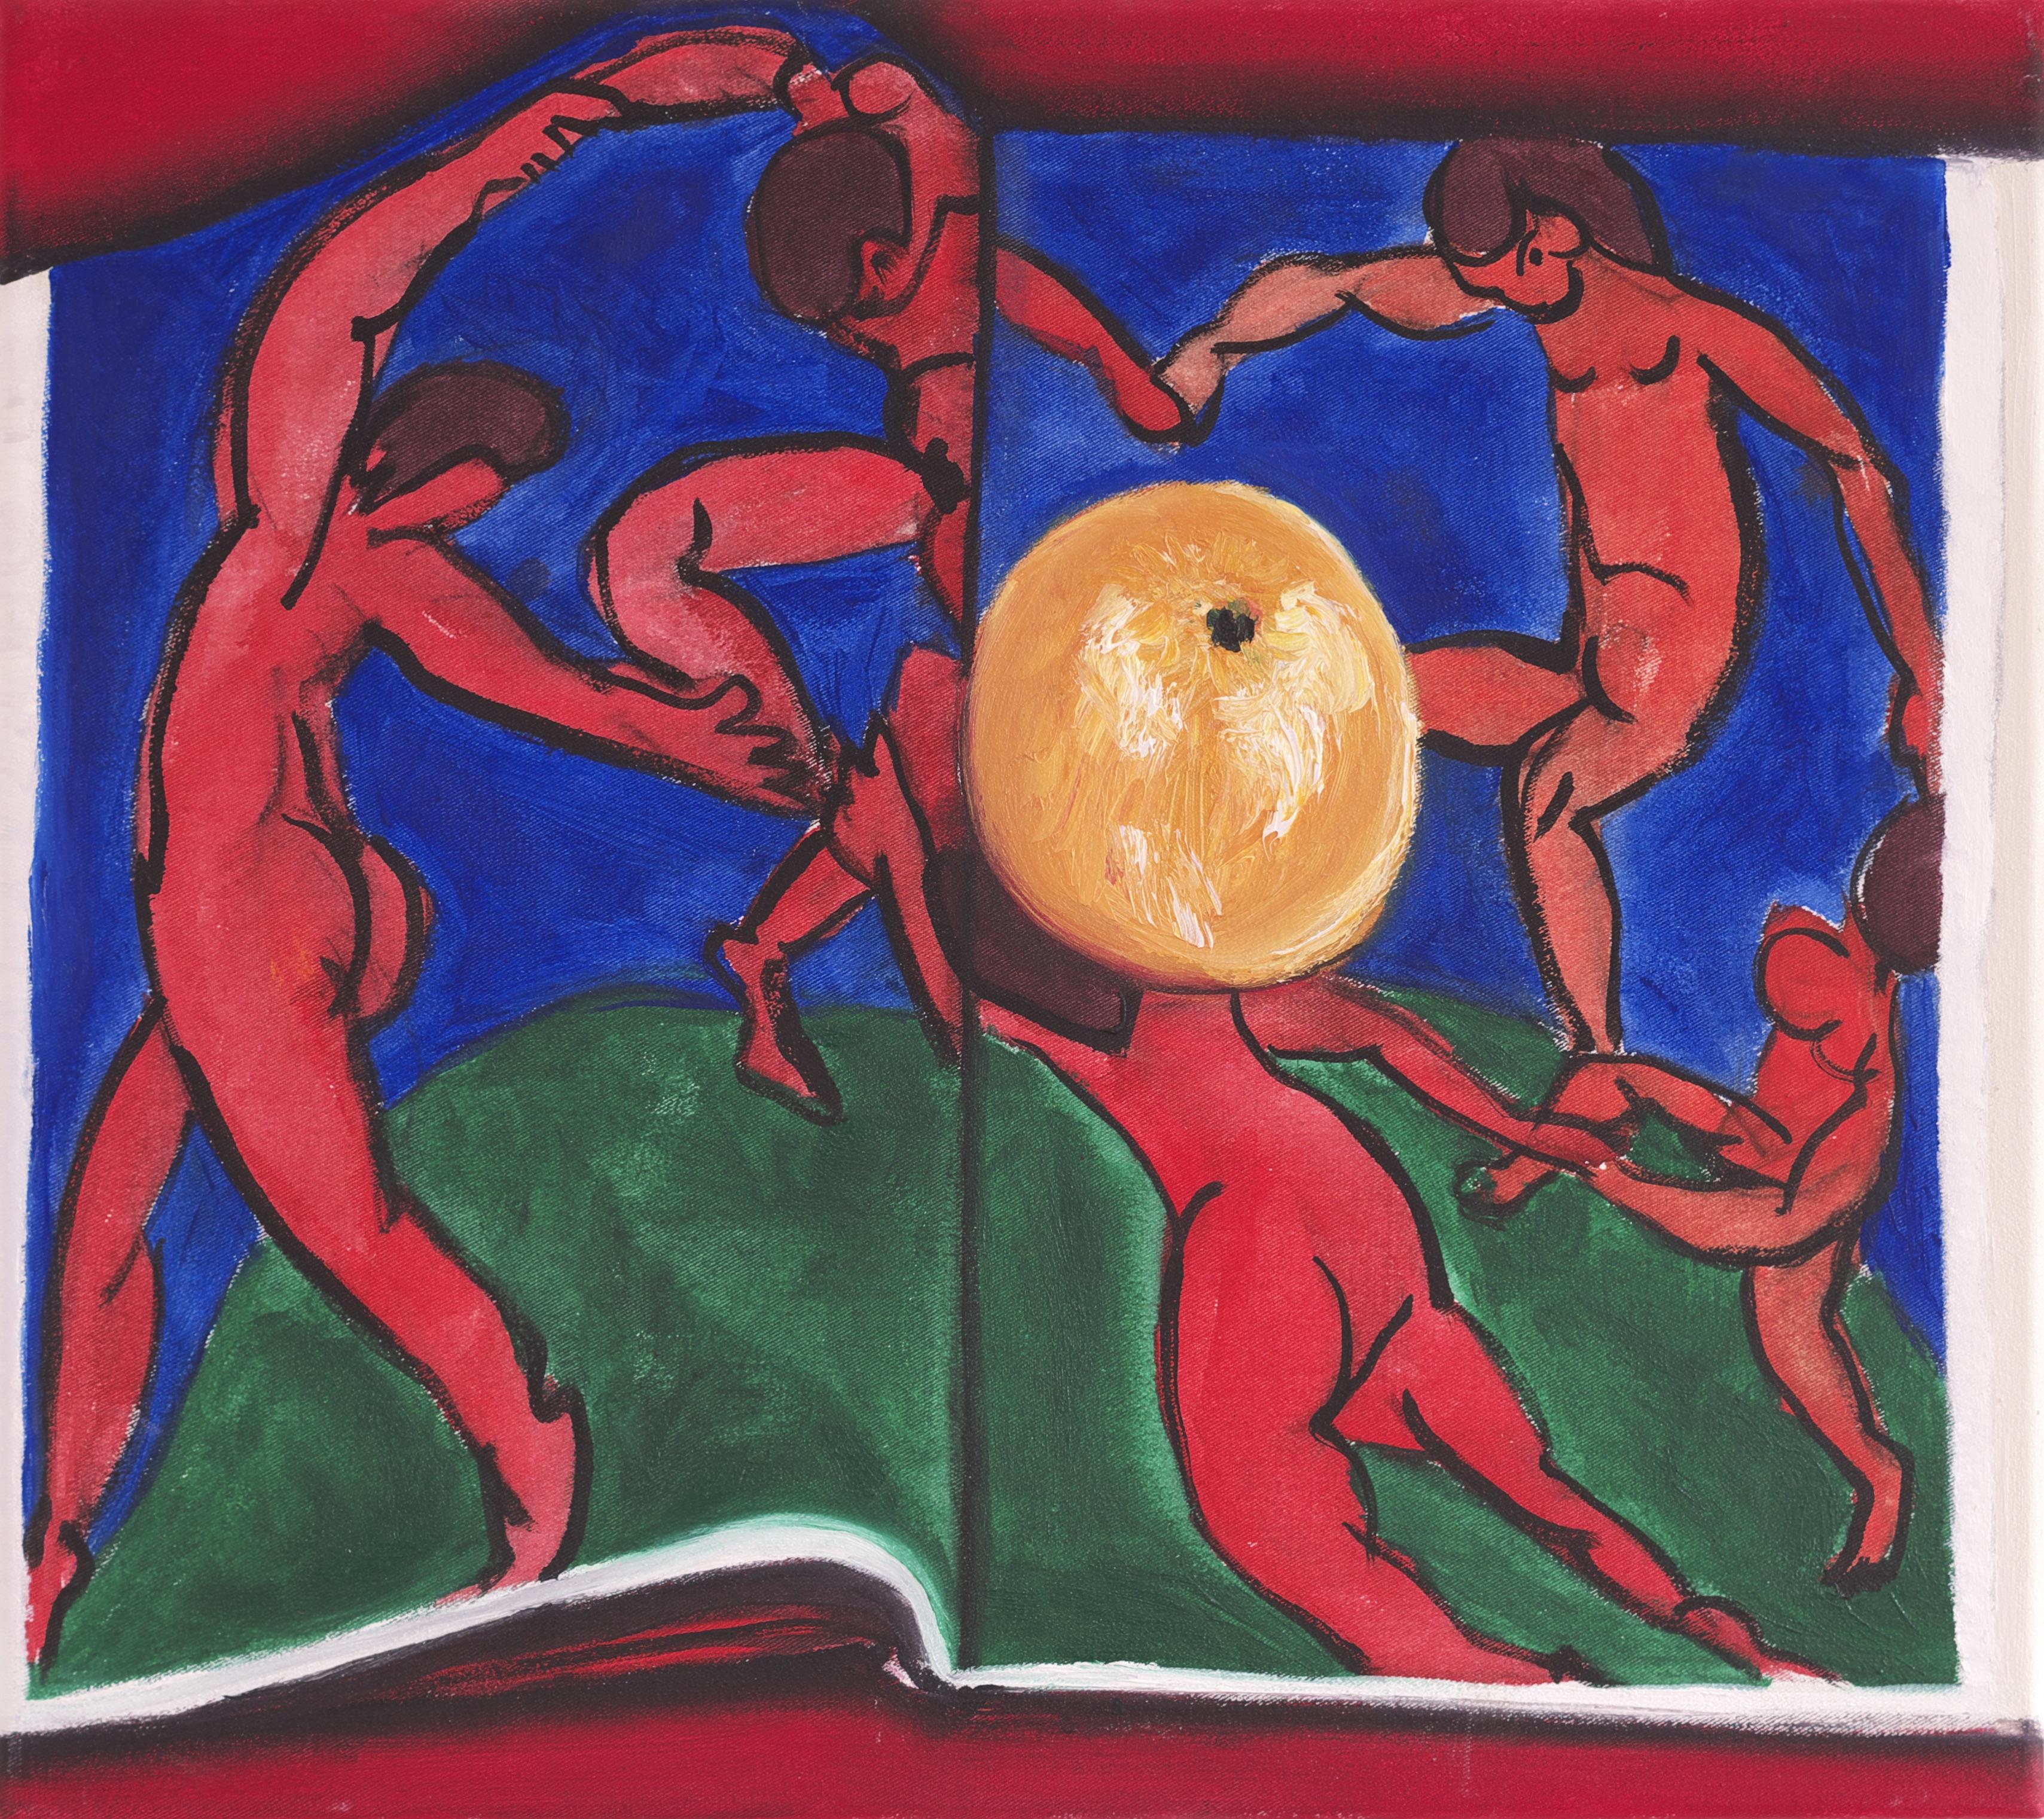 Orange auf Matisse Öl auf Leinwand 40x45 cm 2016 (aus der Serie